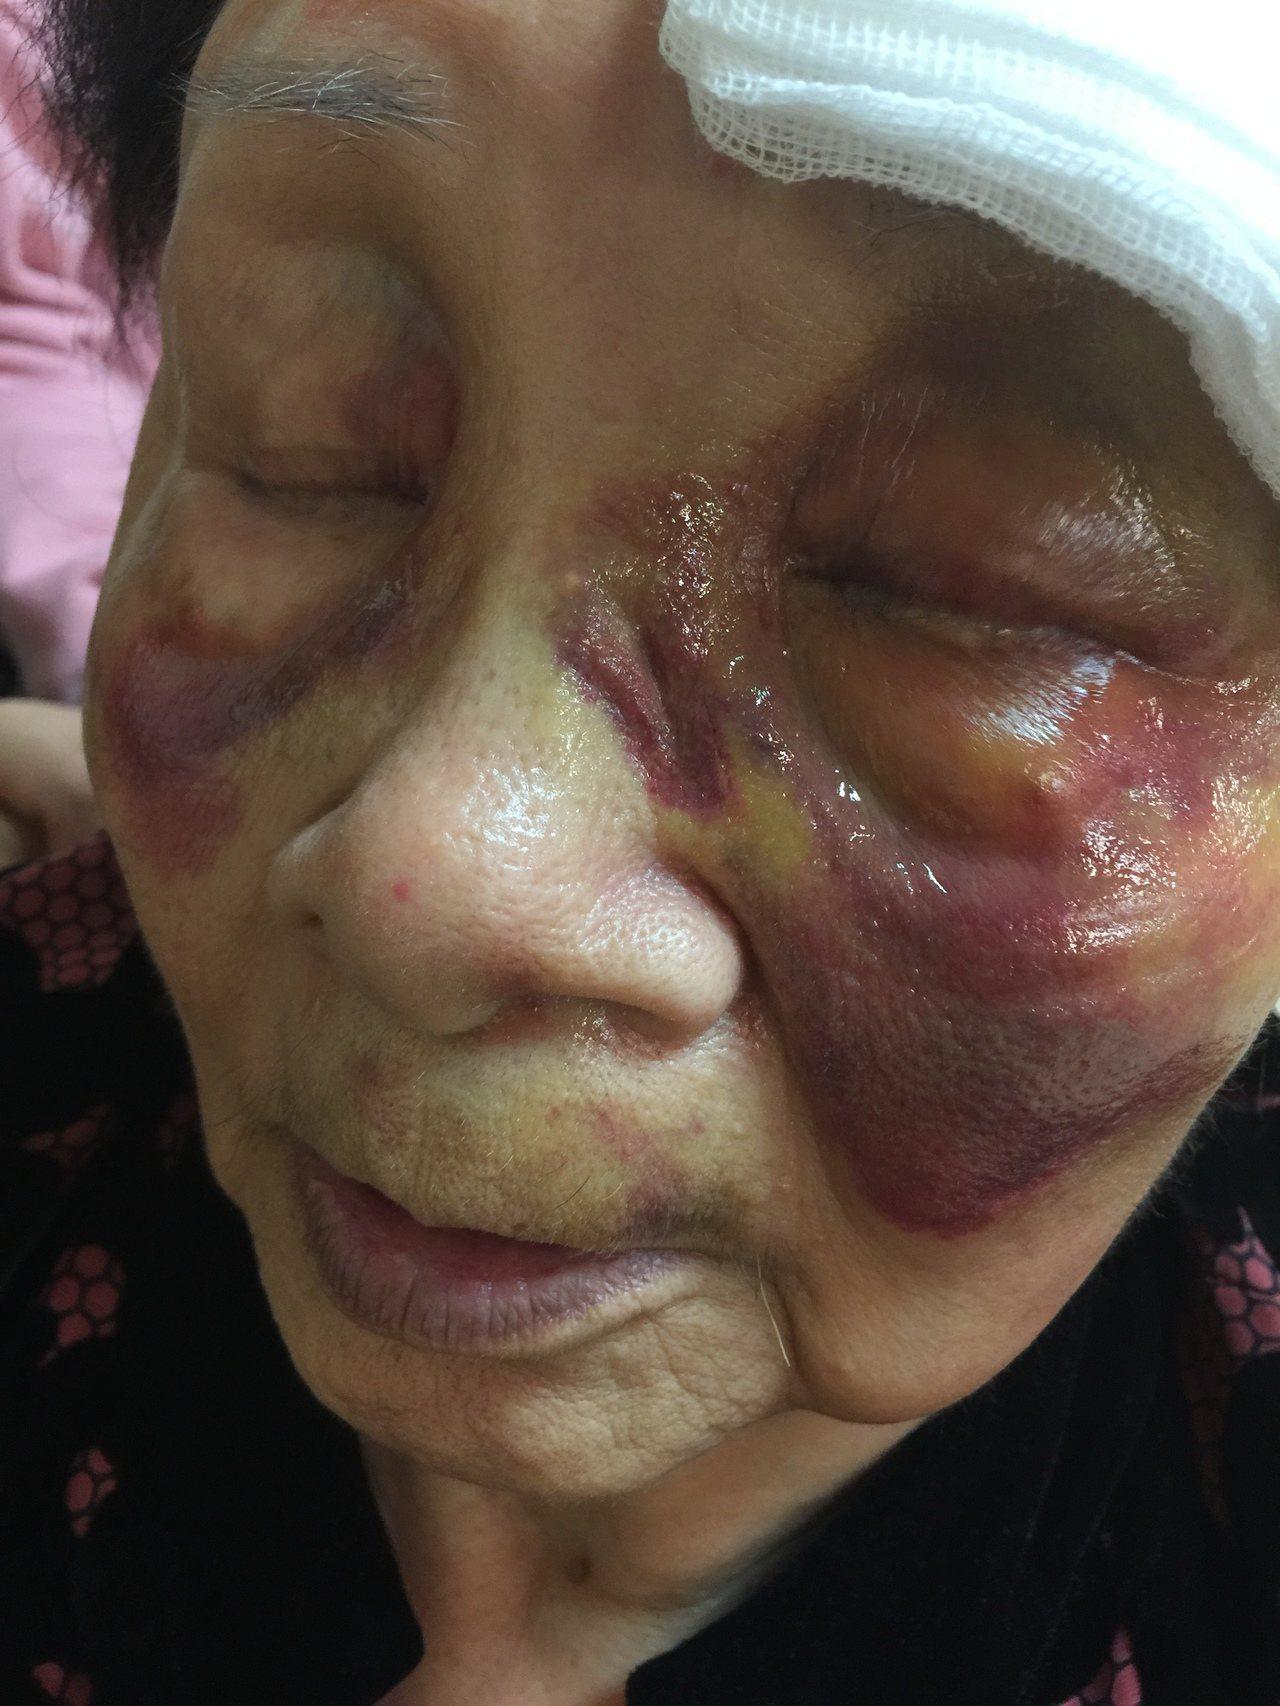 中視新聞前女主播母坐輪椅在人行道重摔,顏面受到多處挫傷。記者楊正海/翻攝